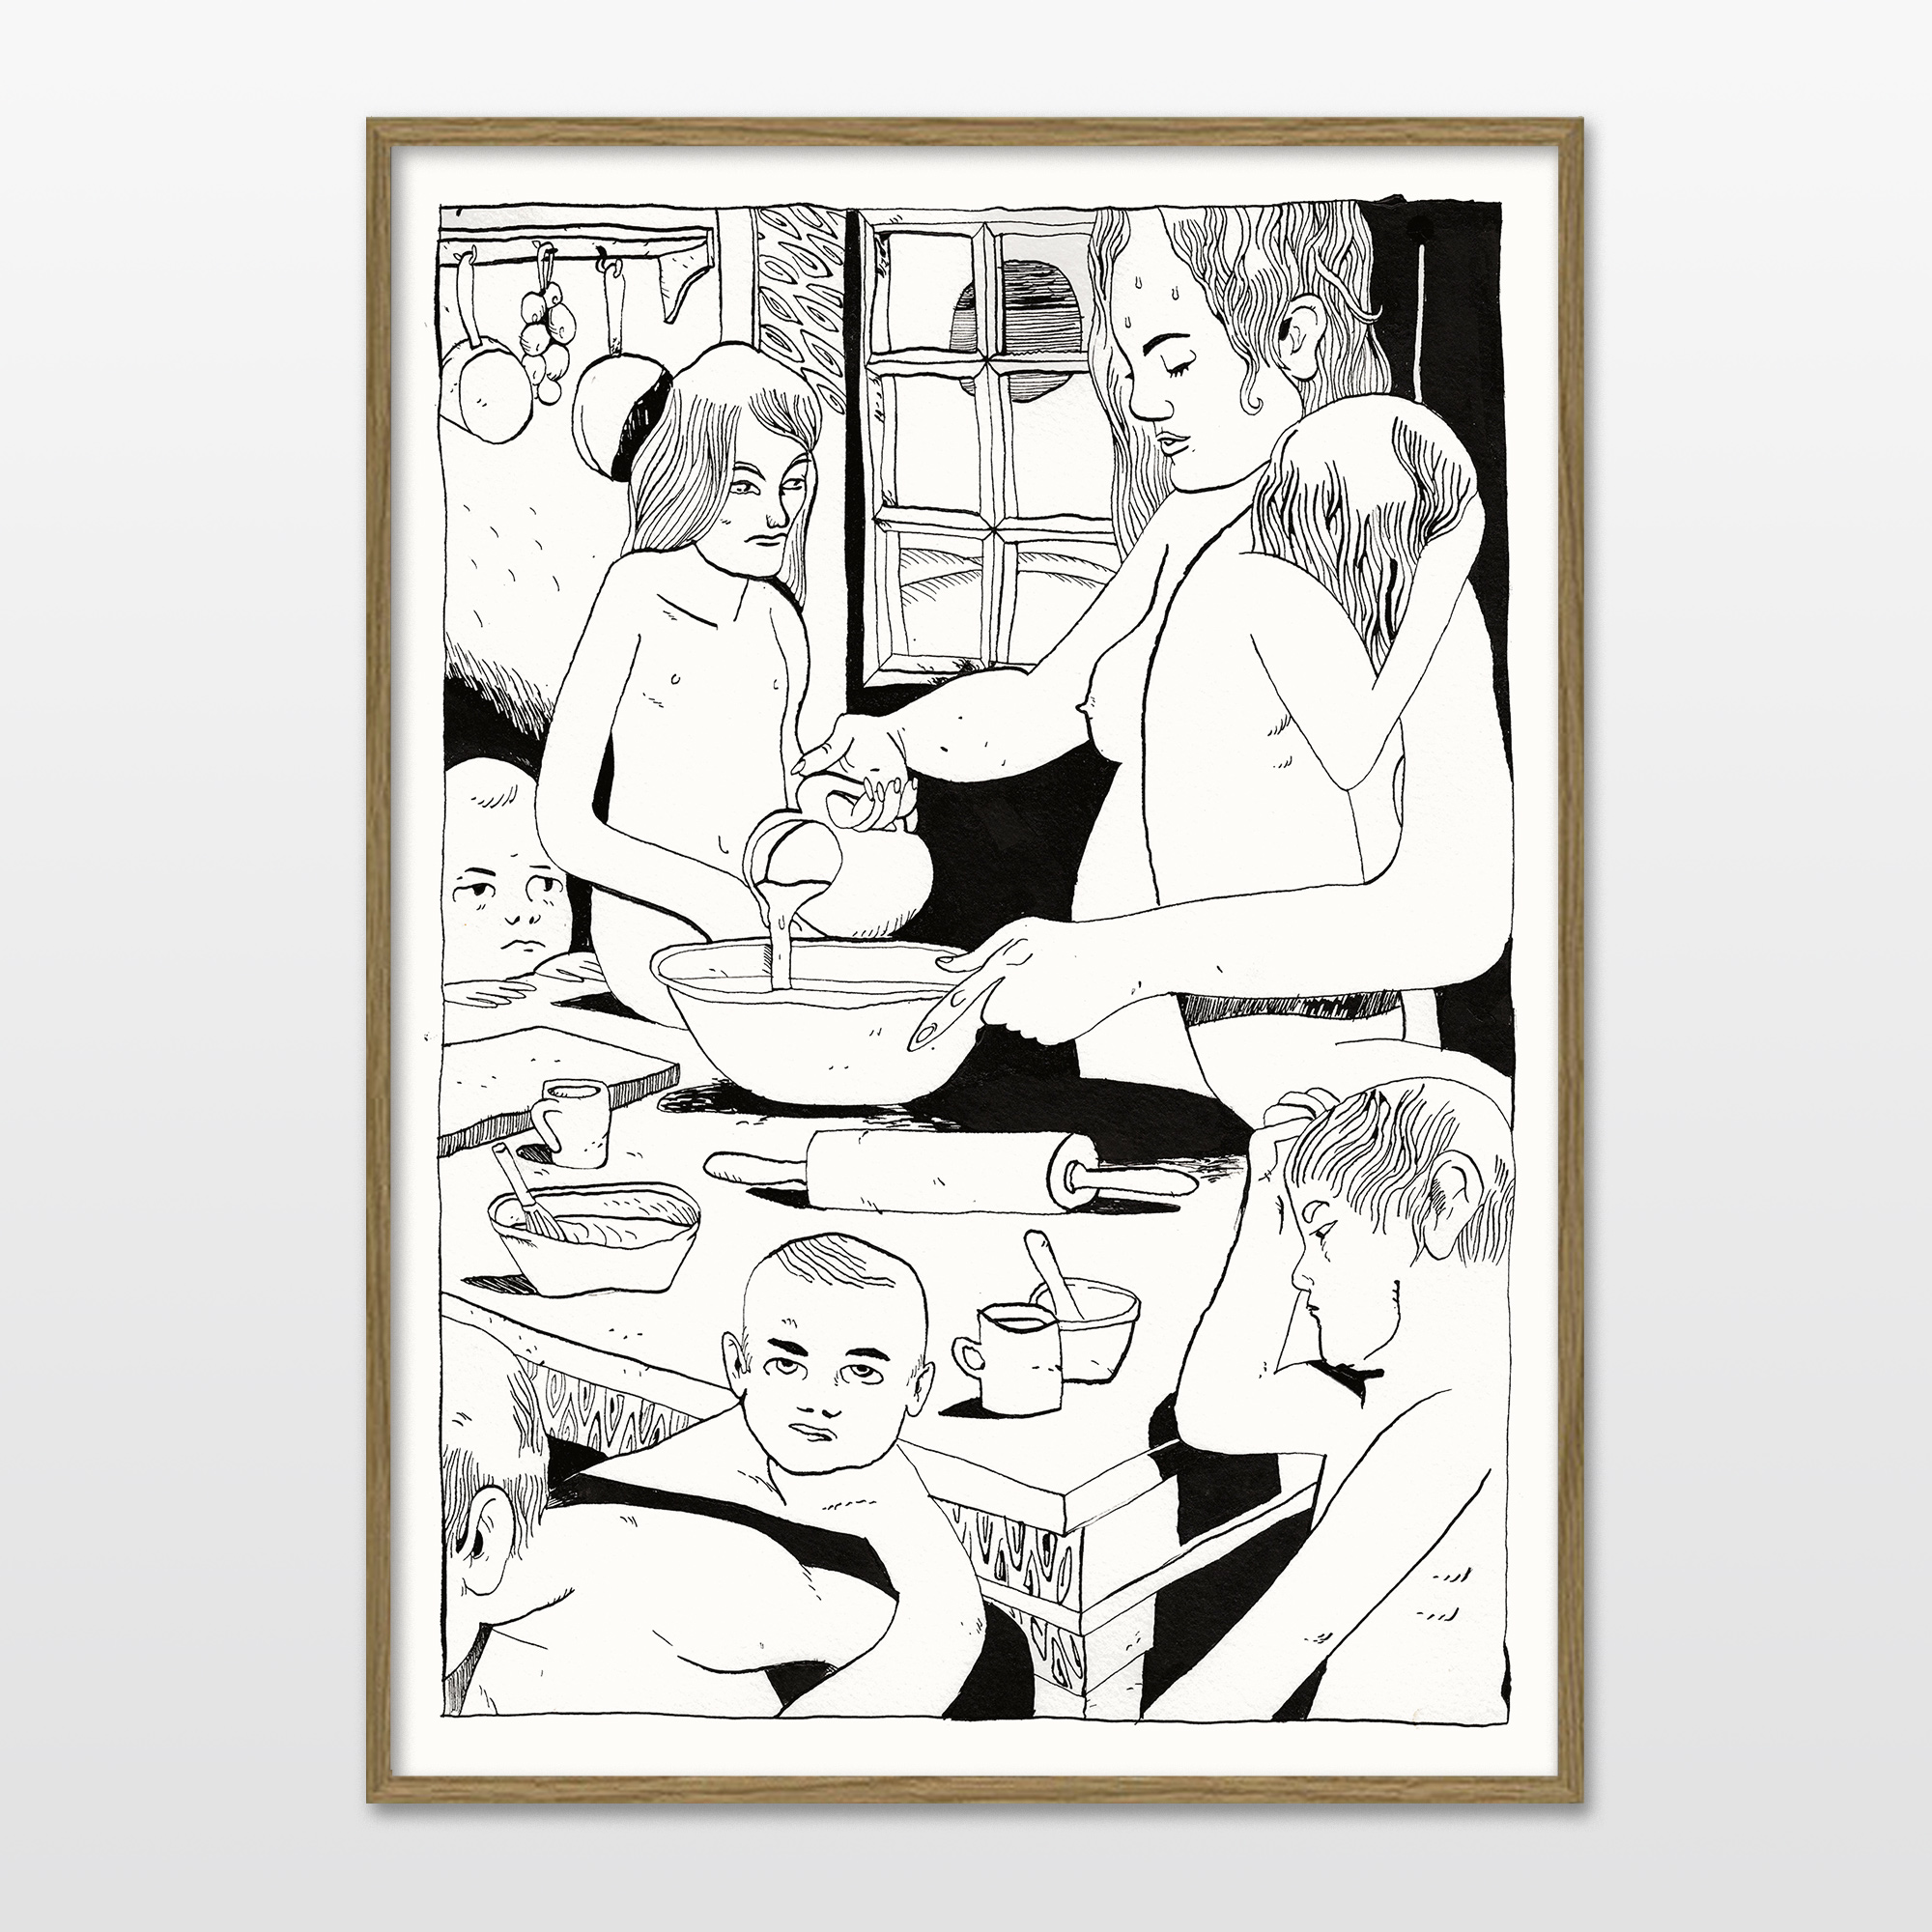 plakater-posters-kunsttryk, giclee-tryk, børnevenlige, illustrative, monokrome, portræt, børn, hverdagsliv, mennesker, sorte, hvide, blæk, papir, sort-hvide, samtidskunst, dansk, design, ansigter, mad, interiør, bolig-indretning, moderne, moderne-kunst, nordisk, plakater, tryk, skandinavisk, Køb original kunst og kunstplakater. Malerier, tegninger, limited edition kunsttryk & plakater af dygtige kunstnere.